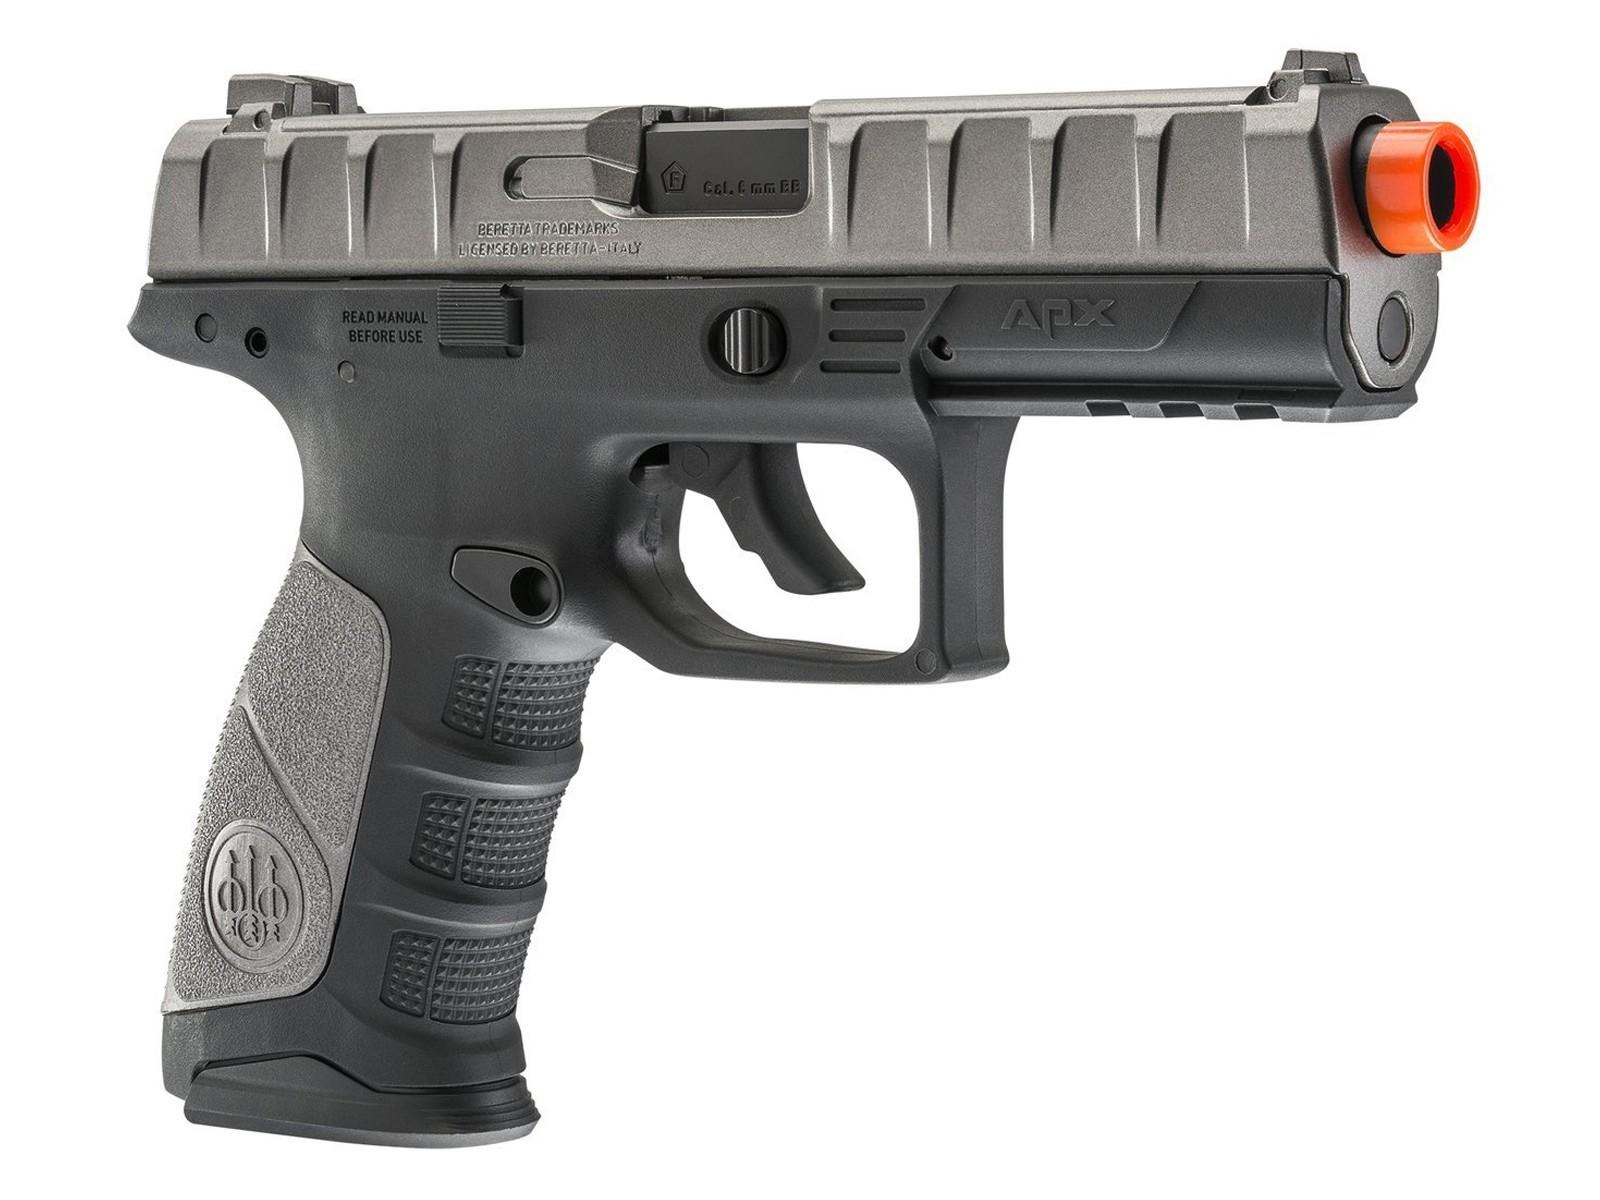 umarex beretta apx co2 metal slide airsoft pistol black silver rh pyramydair com Umarex Gauntlet Umarex H&K 416